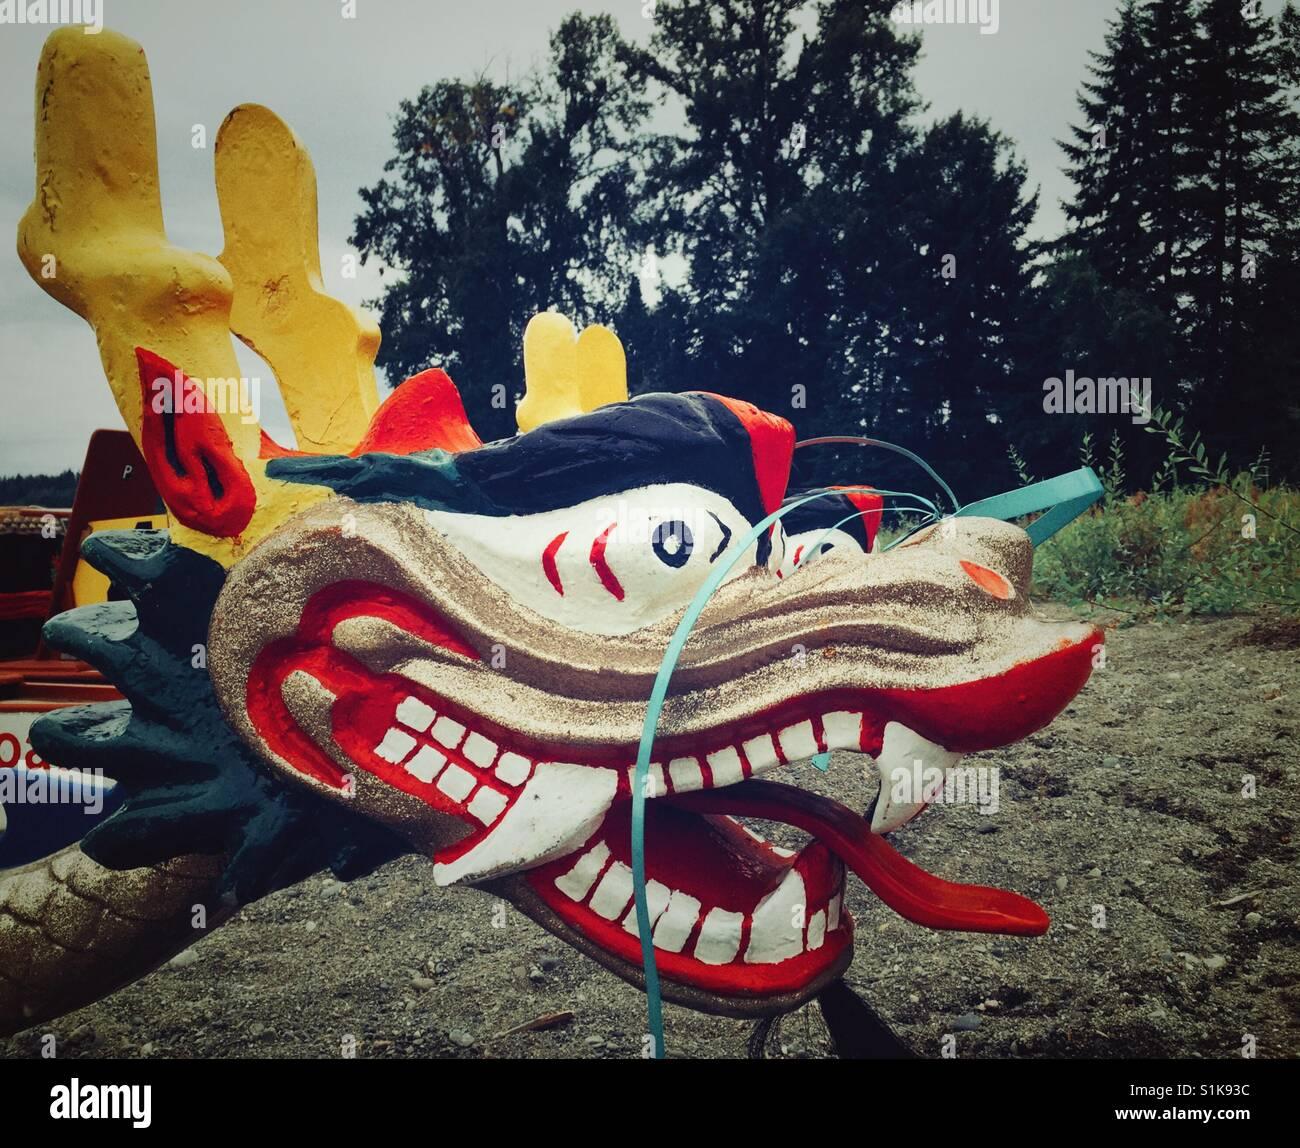 Geschnitzten und bemalten Drachenkopf von einem Drachenboot auf eine neach Stockbild